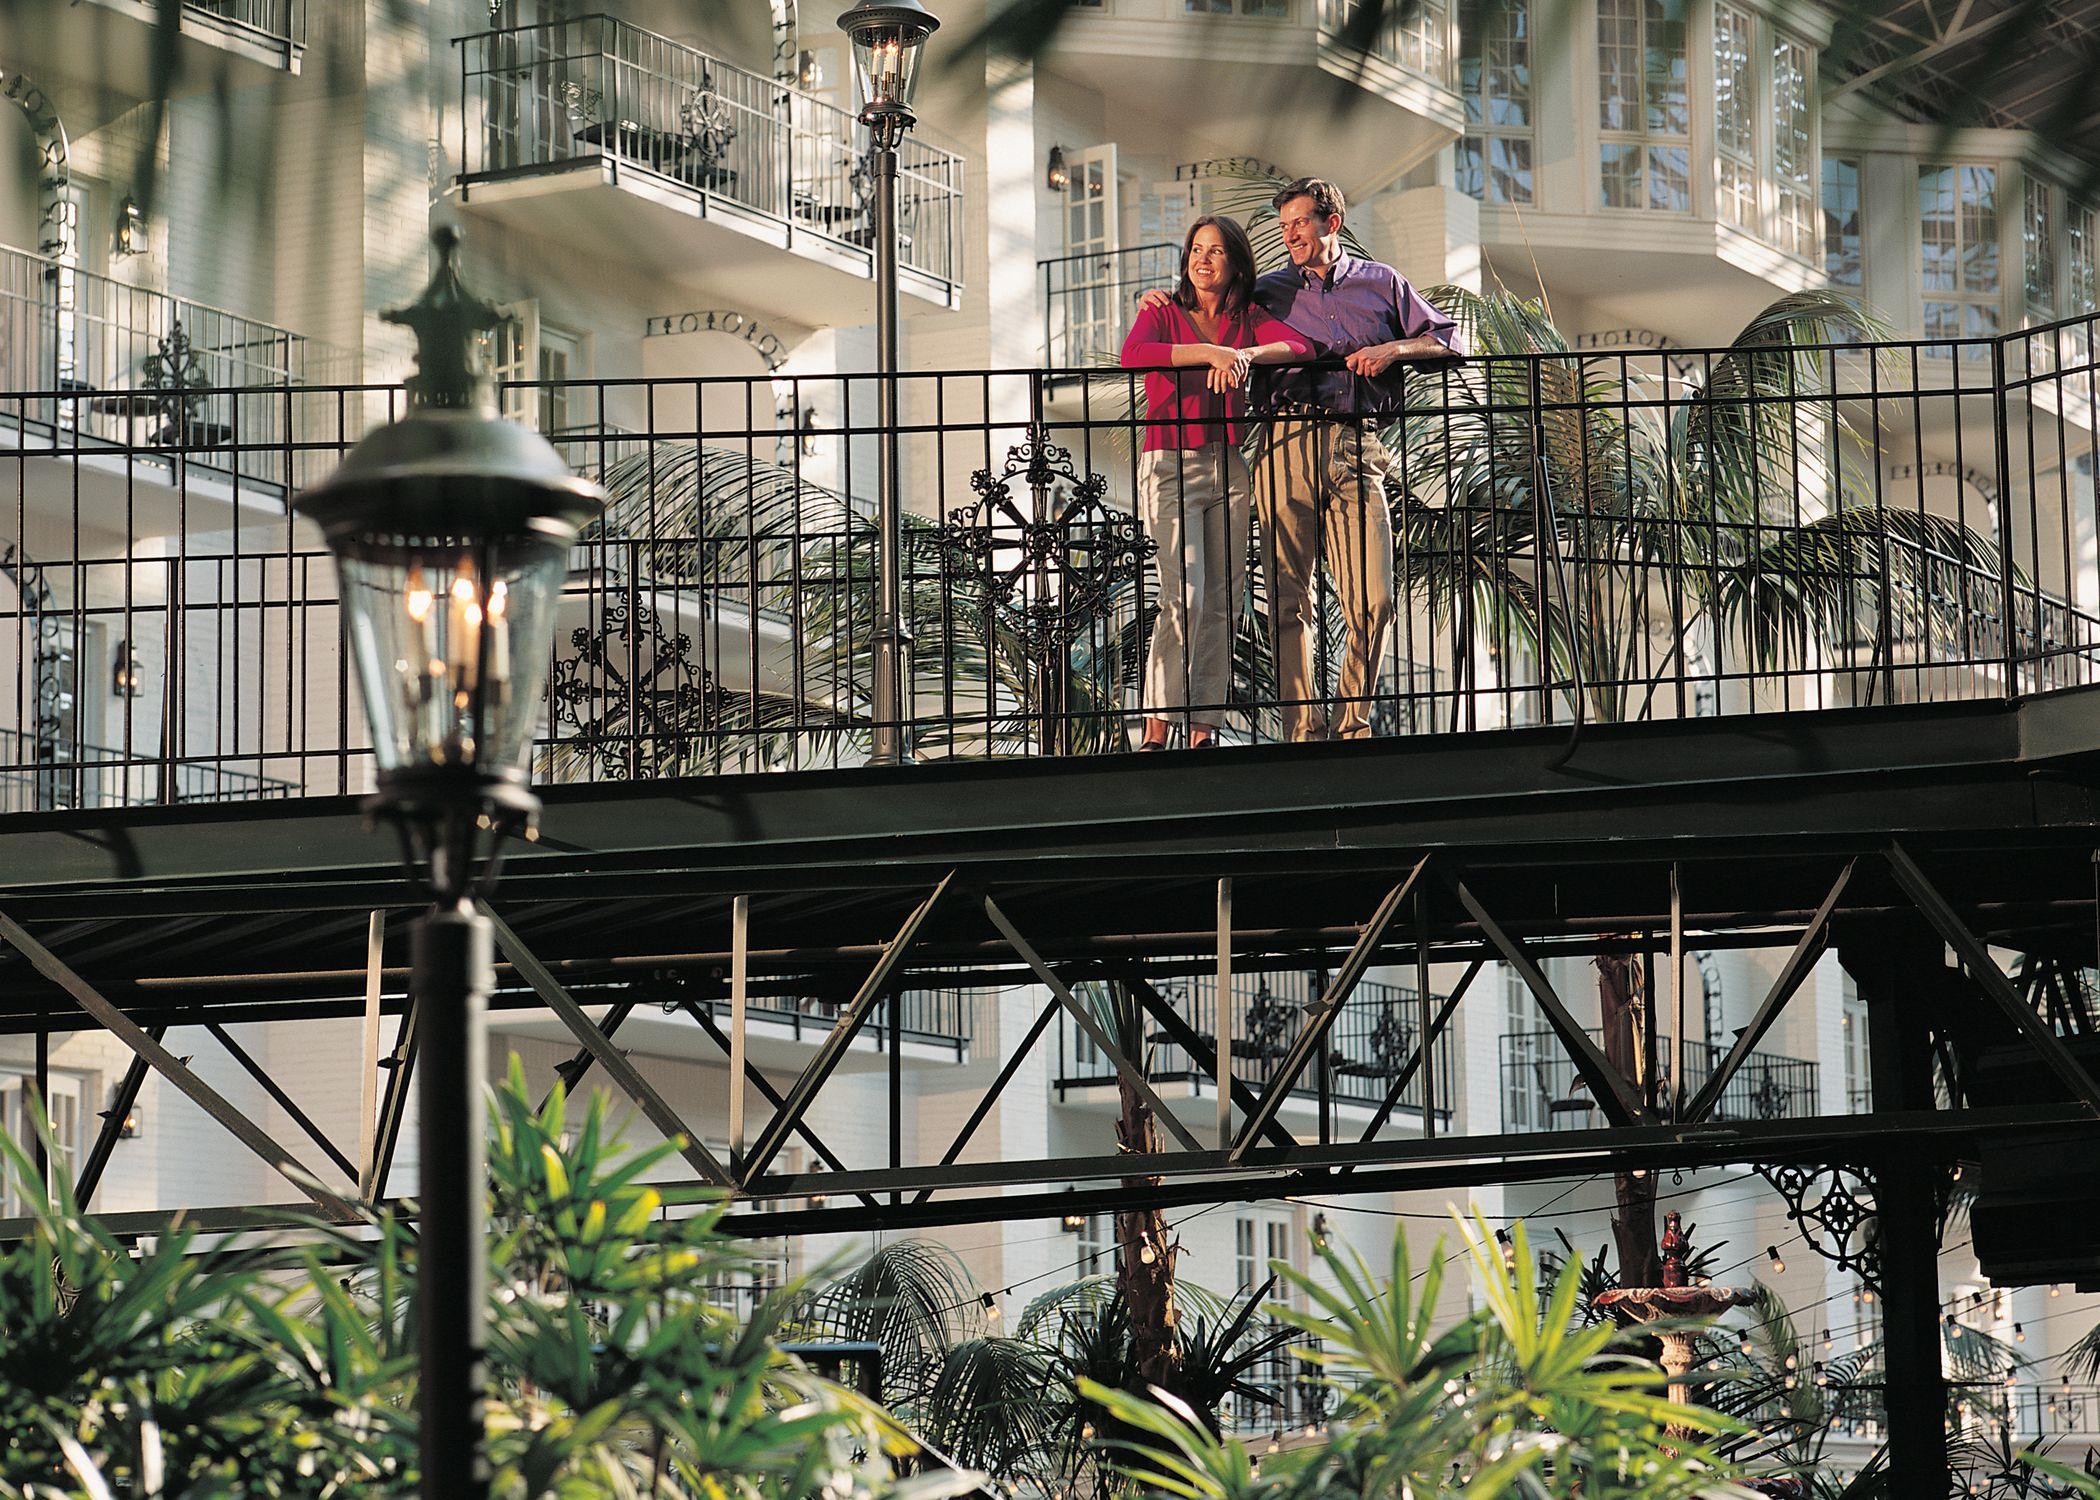 Garden Conservatory Skywalk Gaylord Opryland Resort